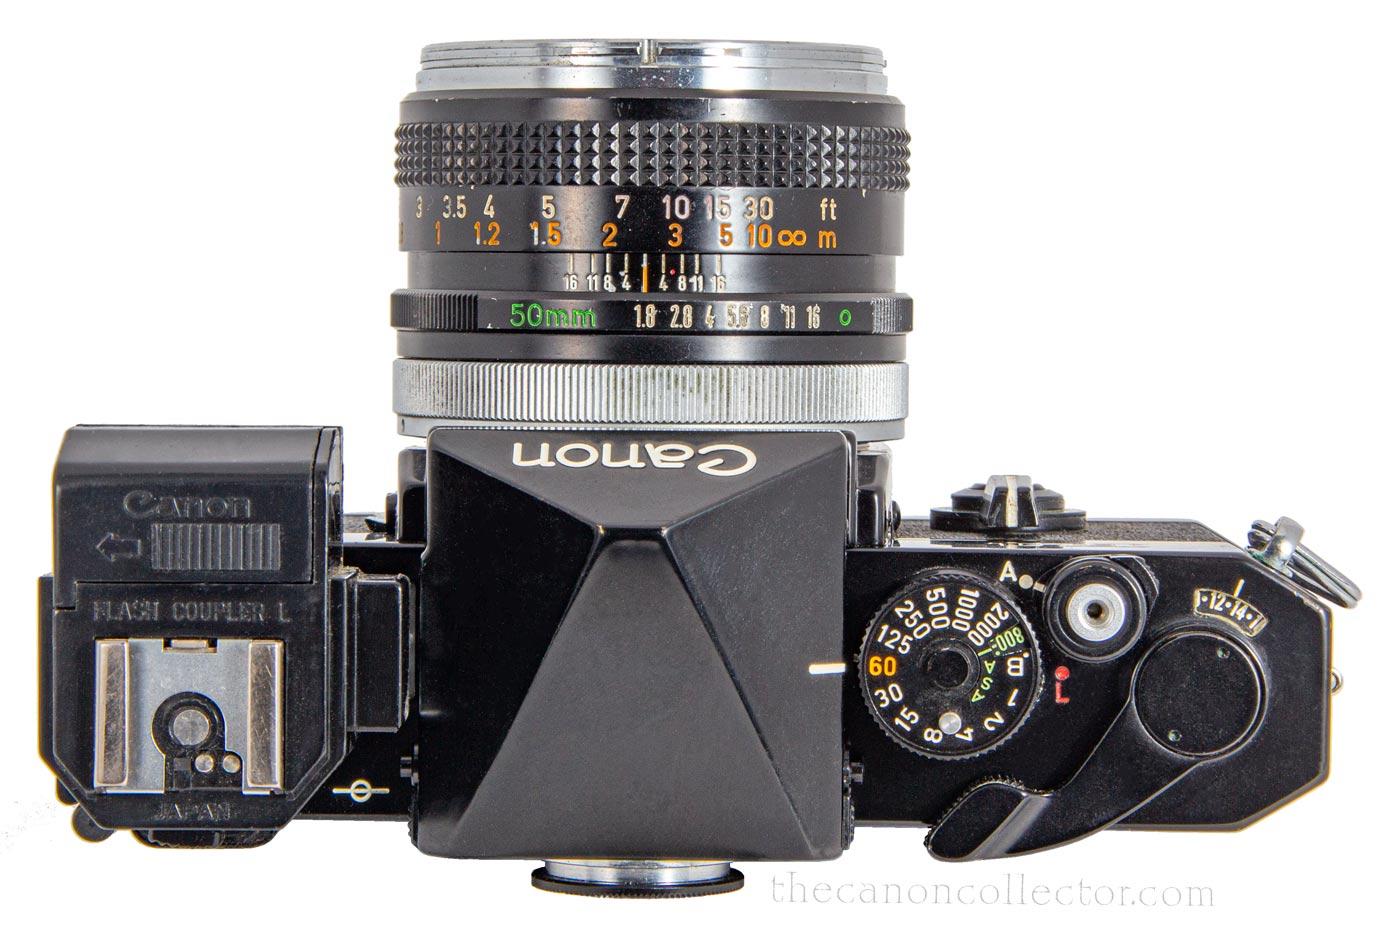 Canon Flash Coupler L